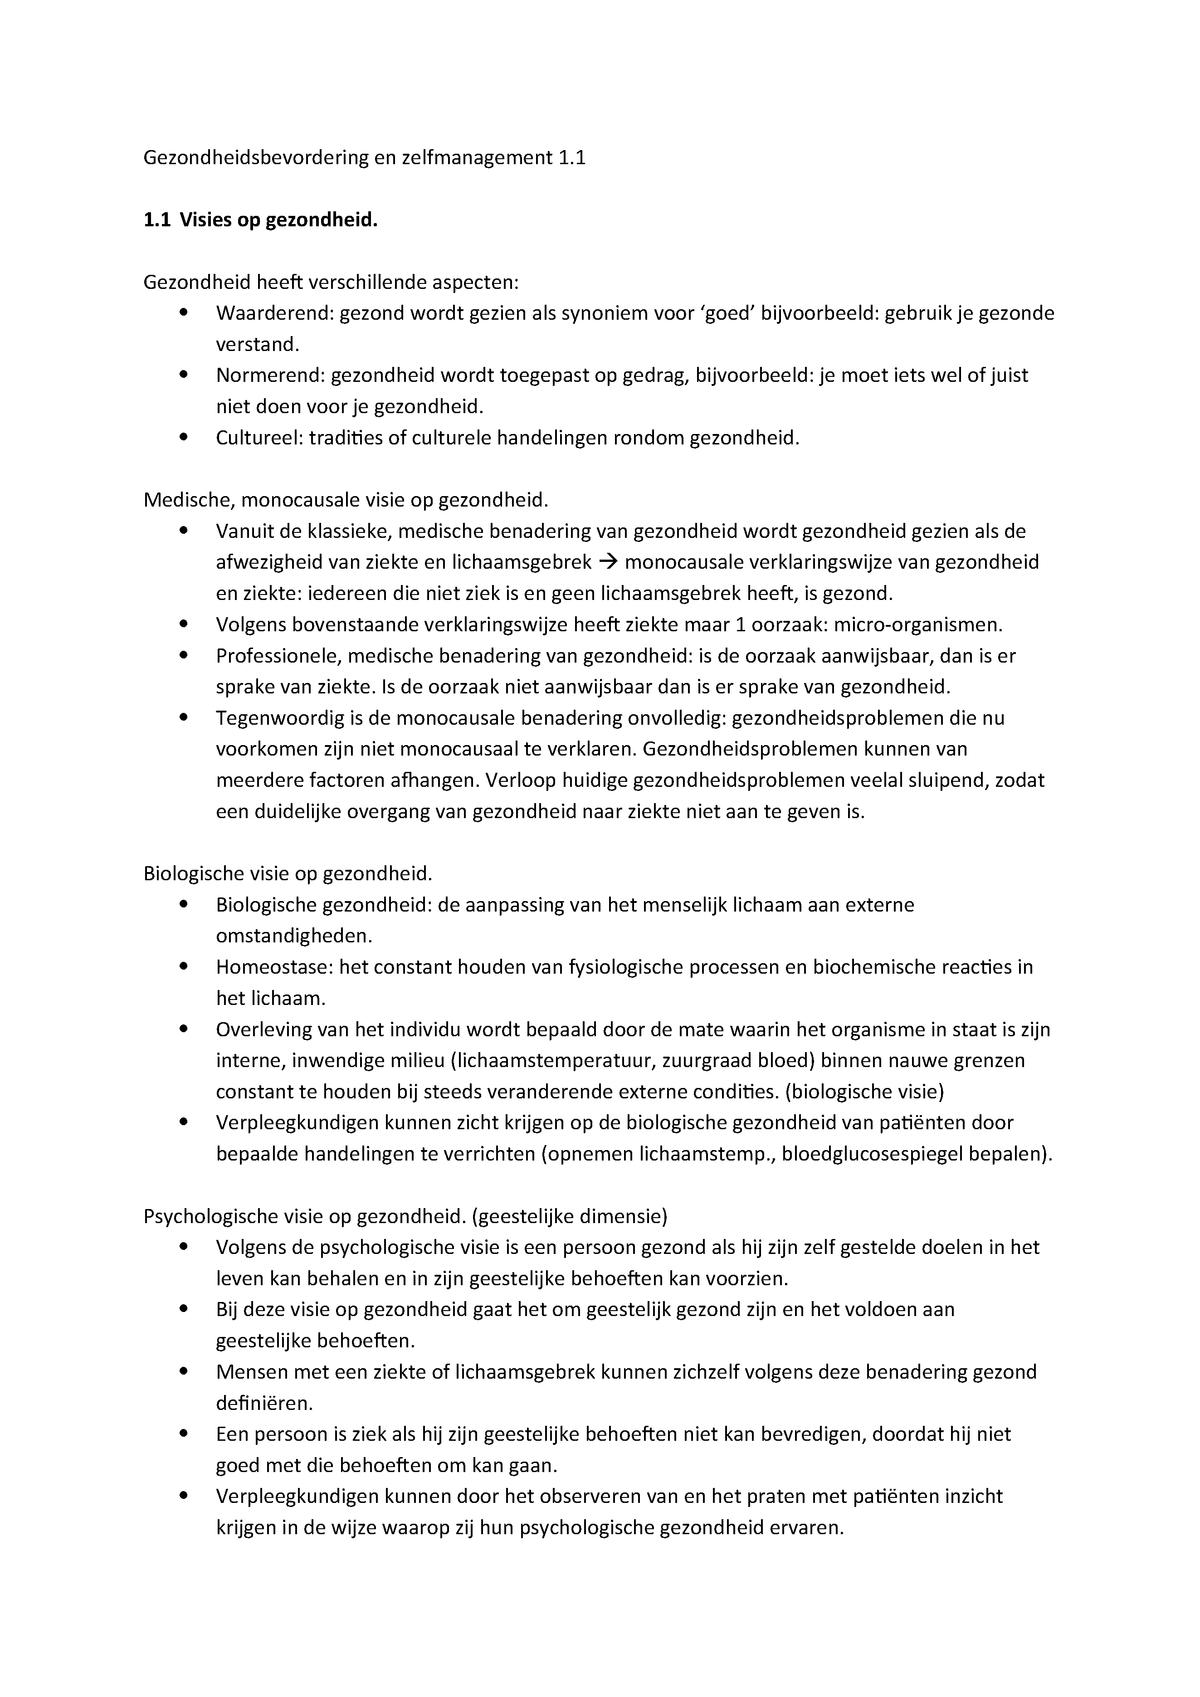 Gezondheidsbevordering 1 1 Casus Gestuurd Onderwijs Studeersnel